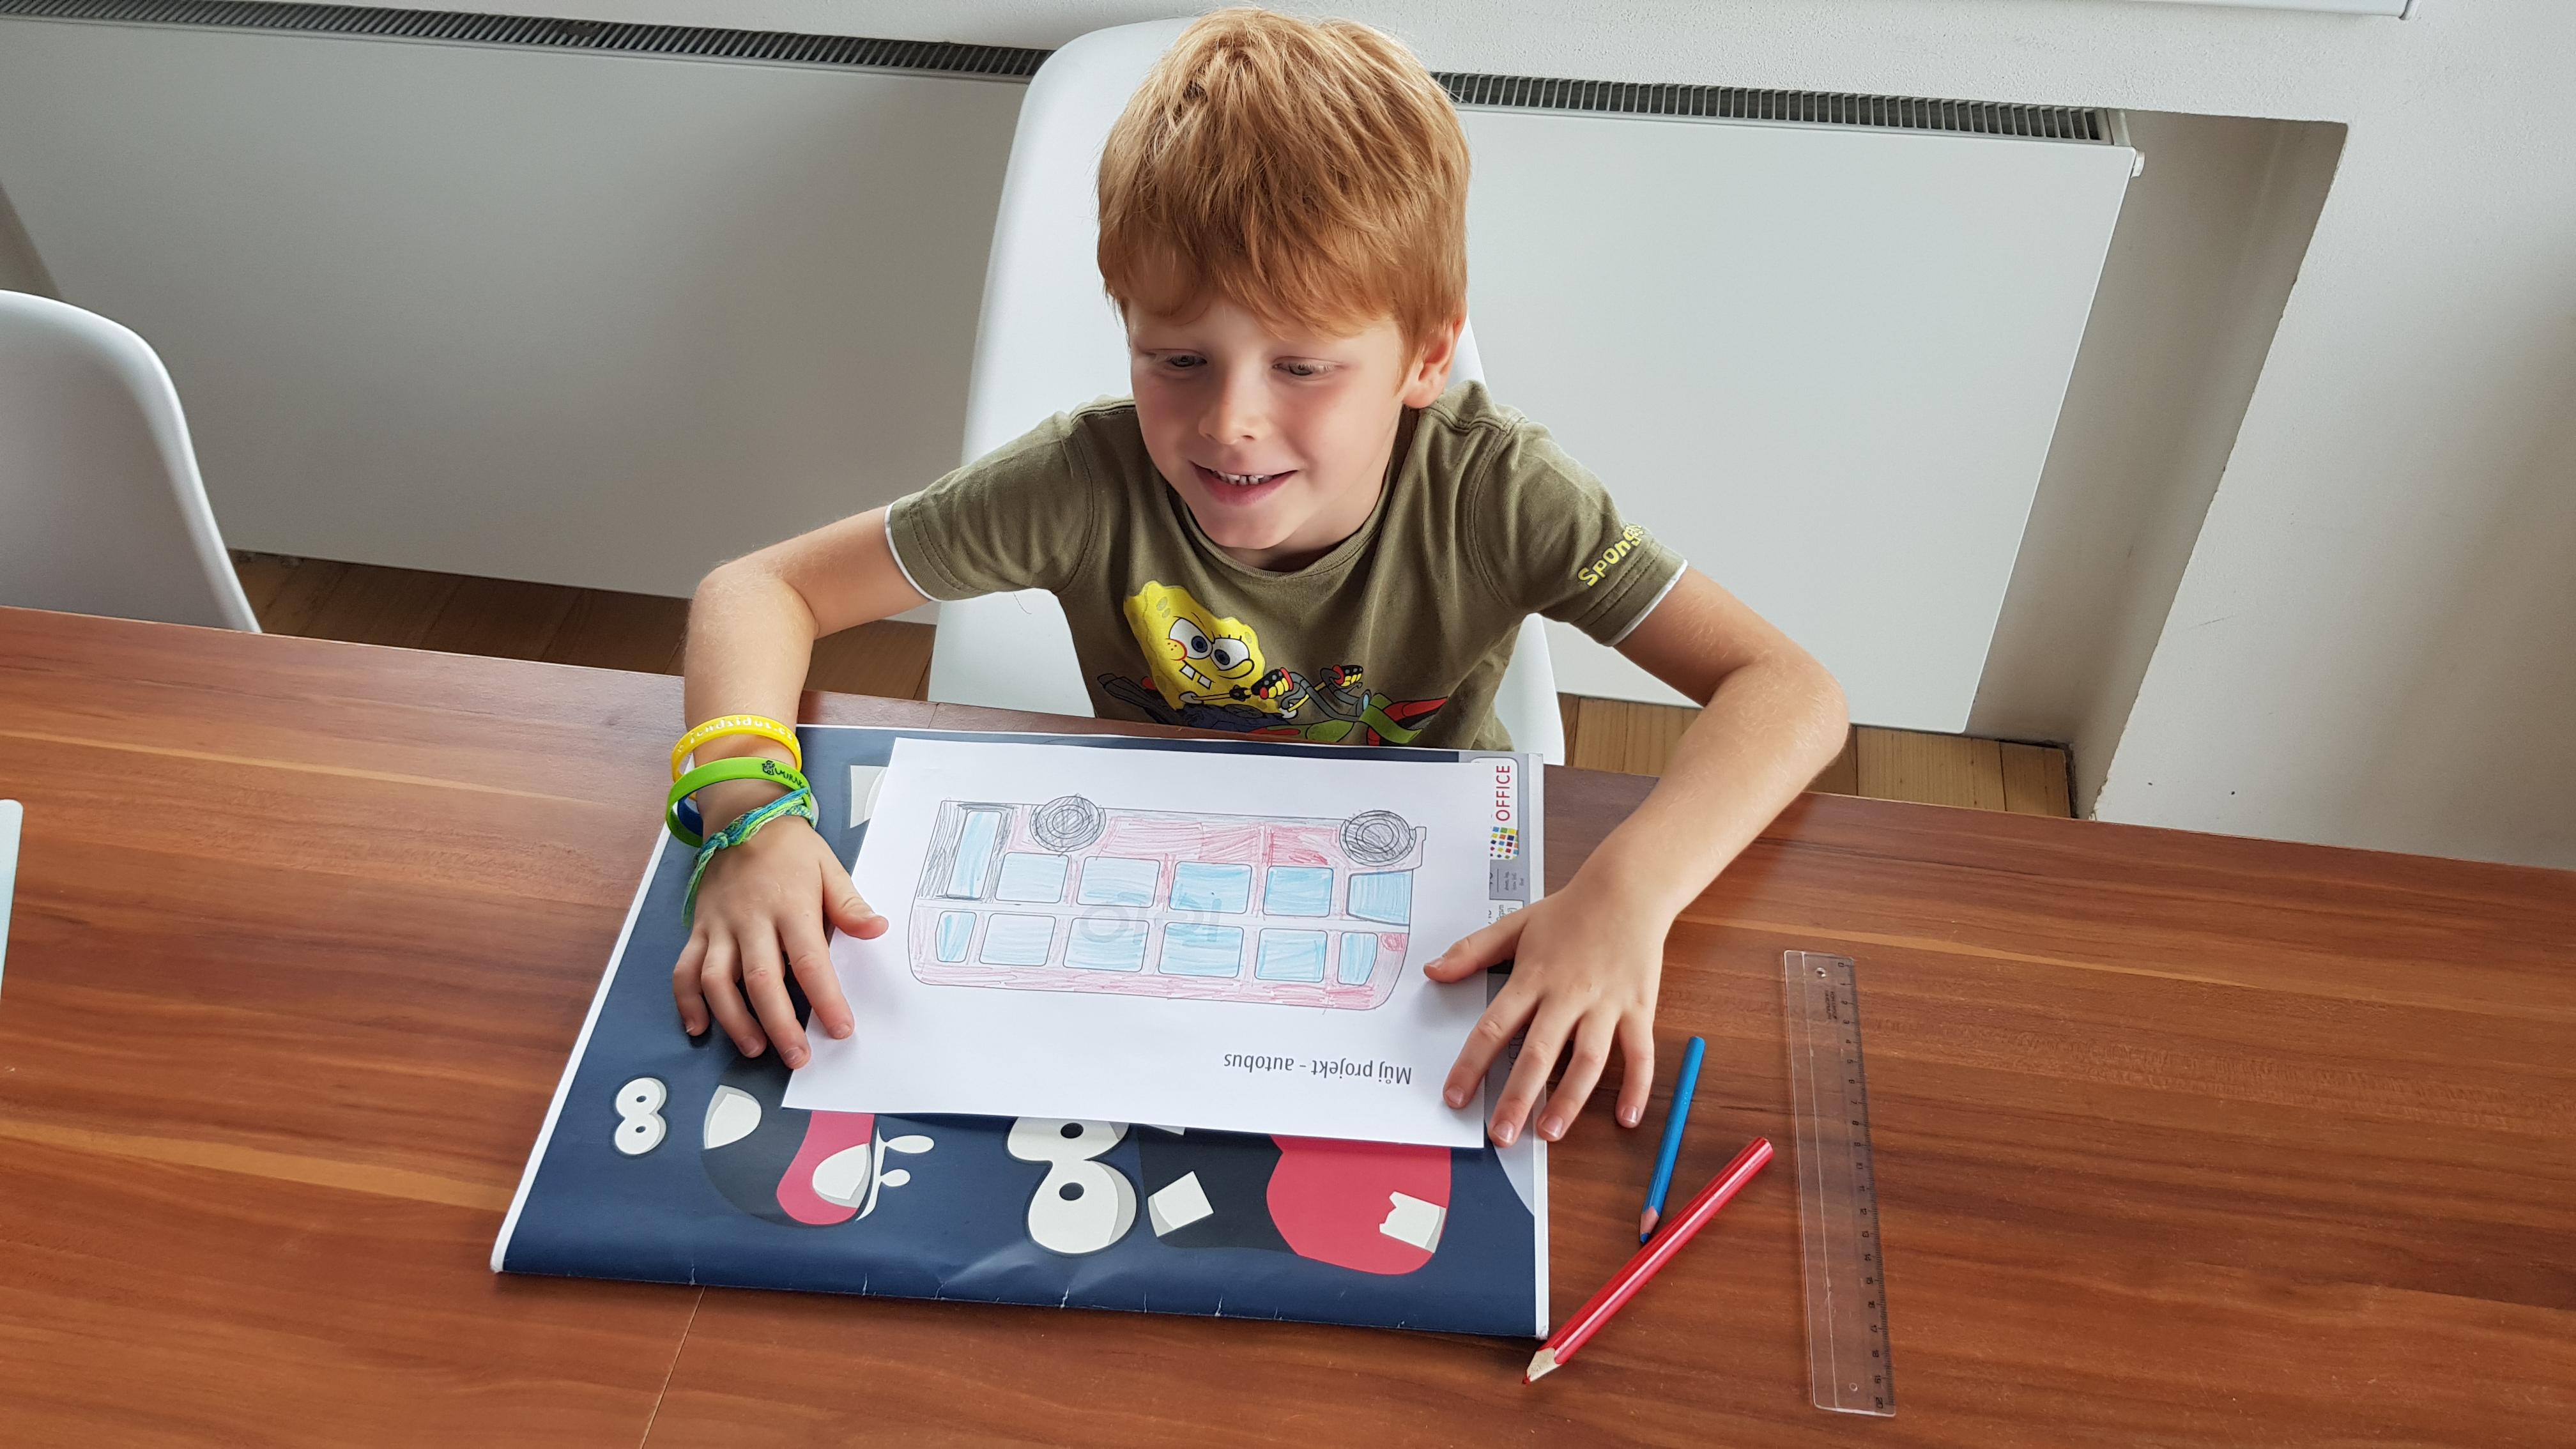 DIY dětský projekt - jak si polici autobus vymalovat